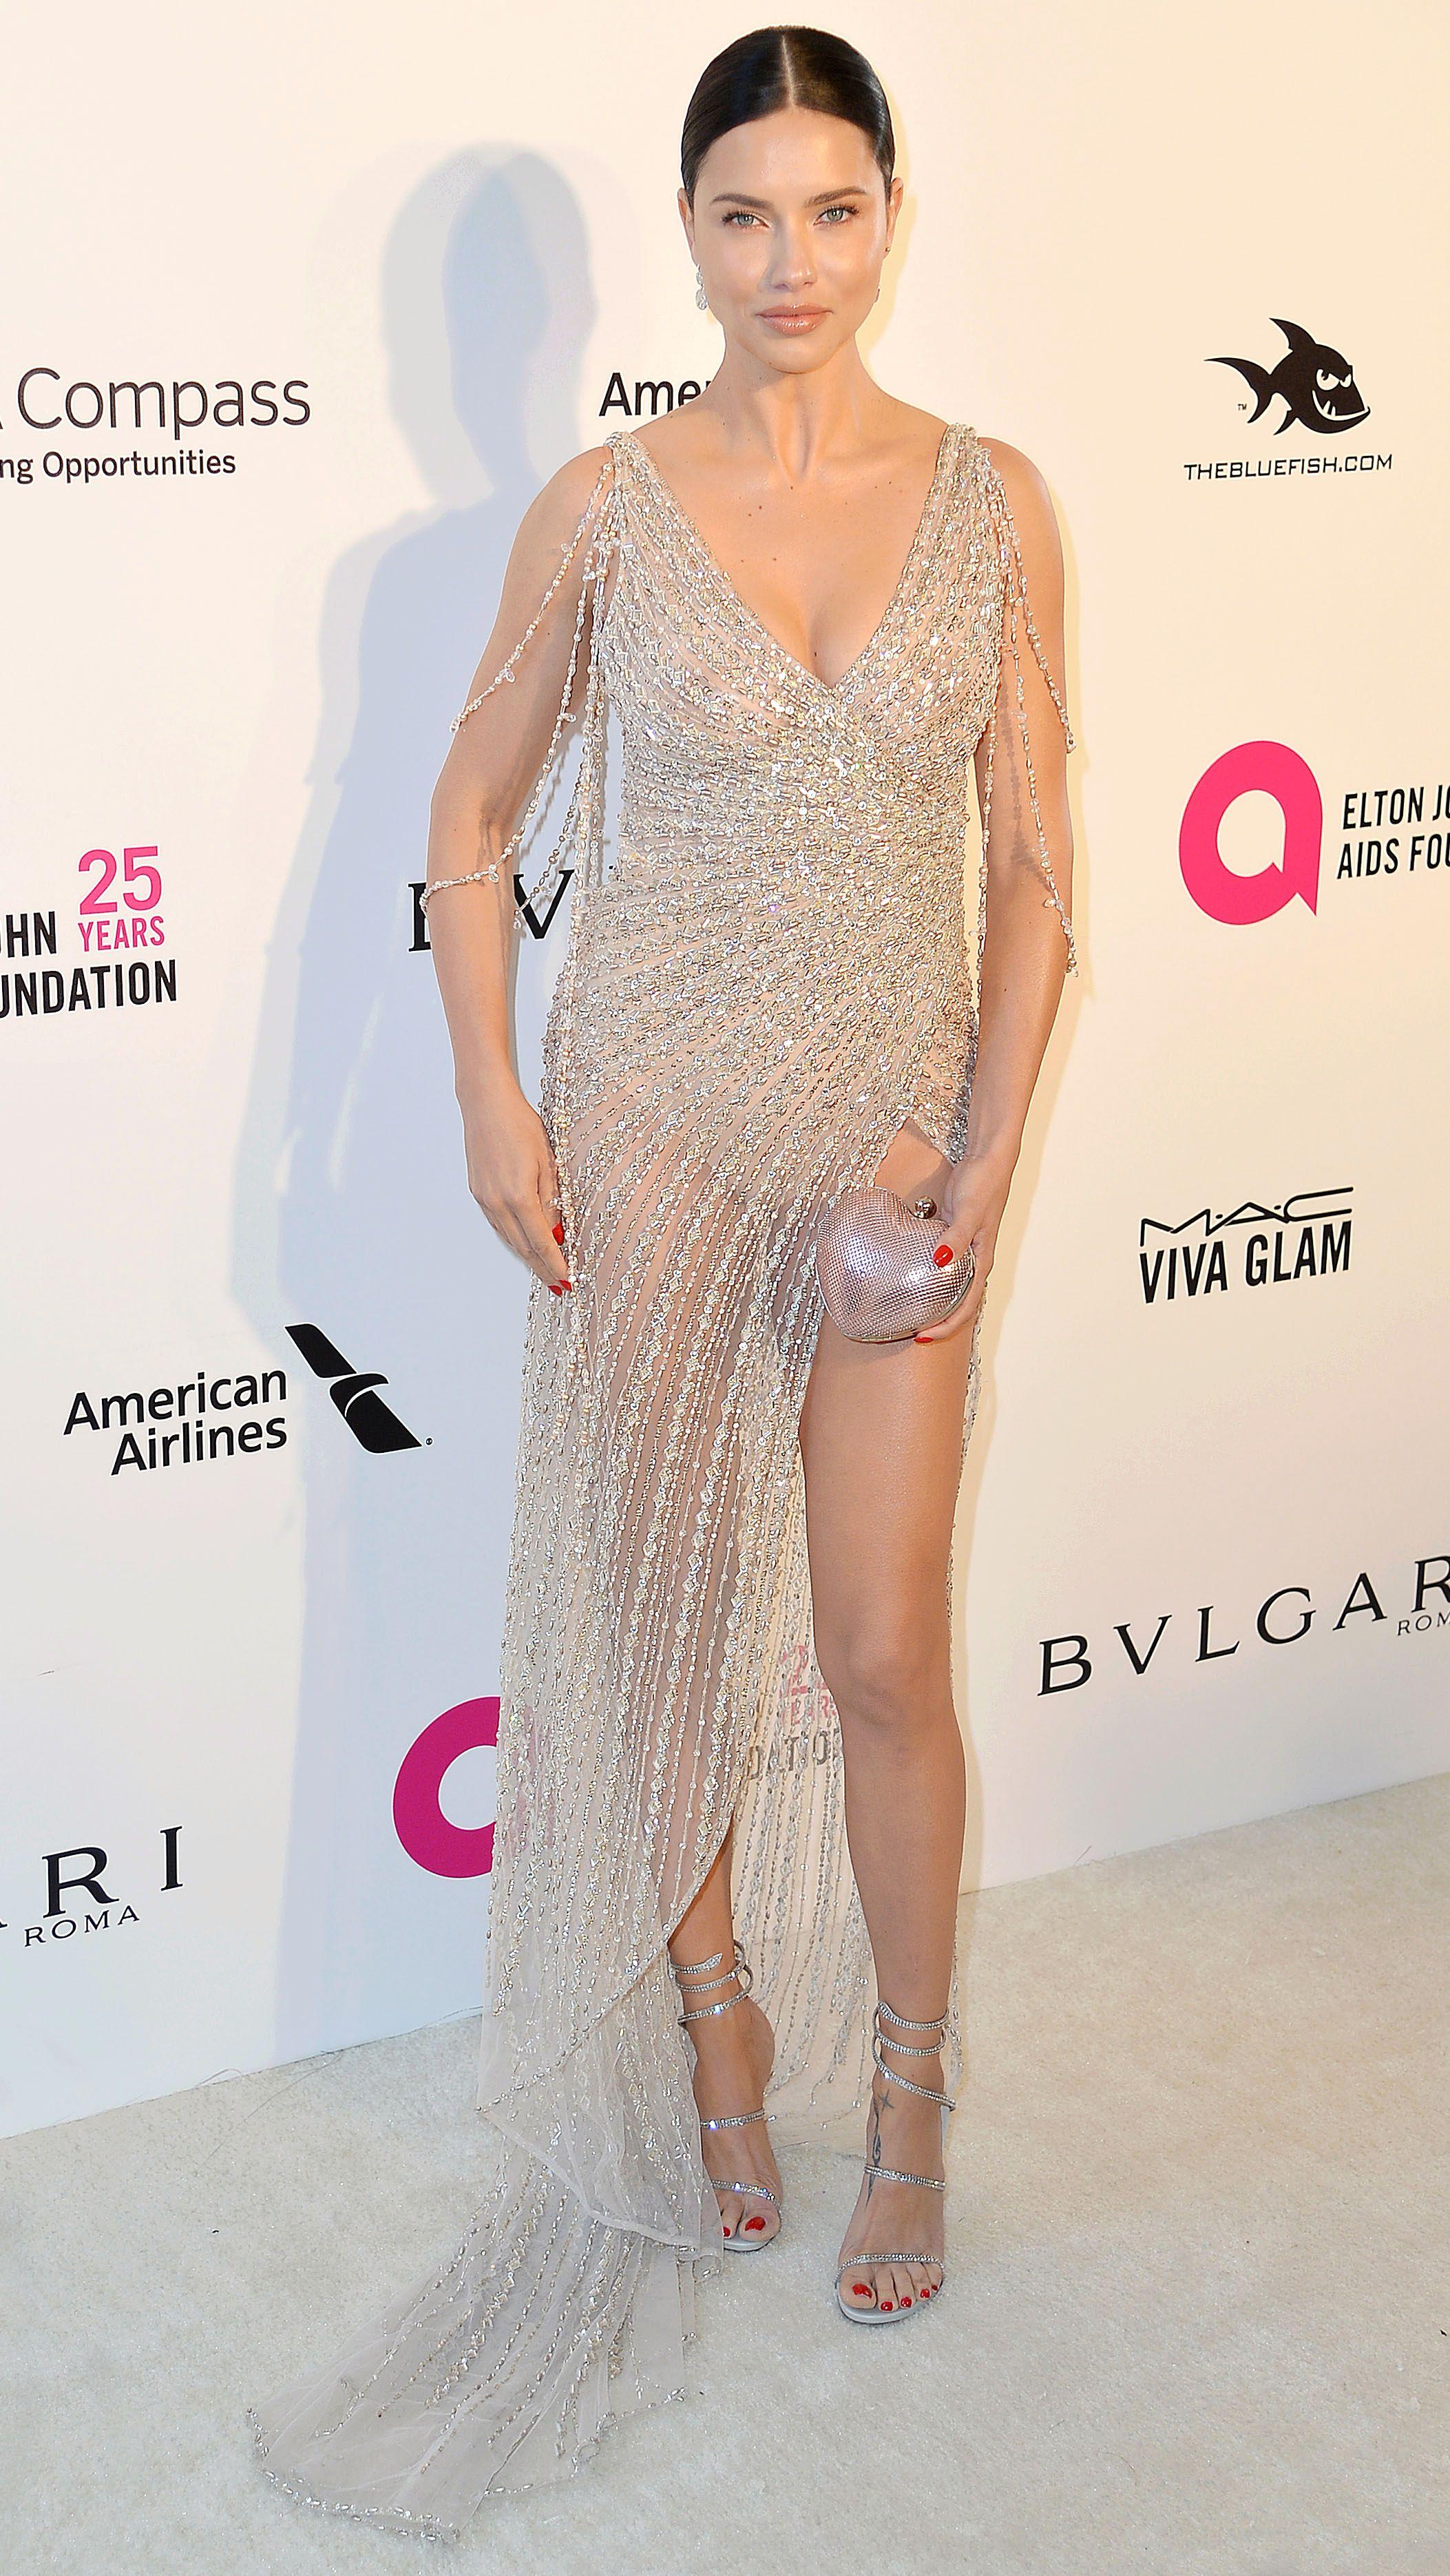 26th Annual Elton John AIDS Foundation Academy Awards (22).jpg